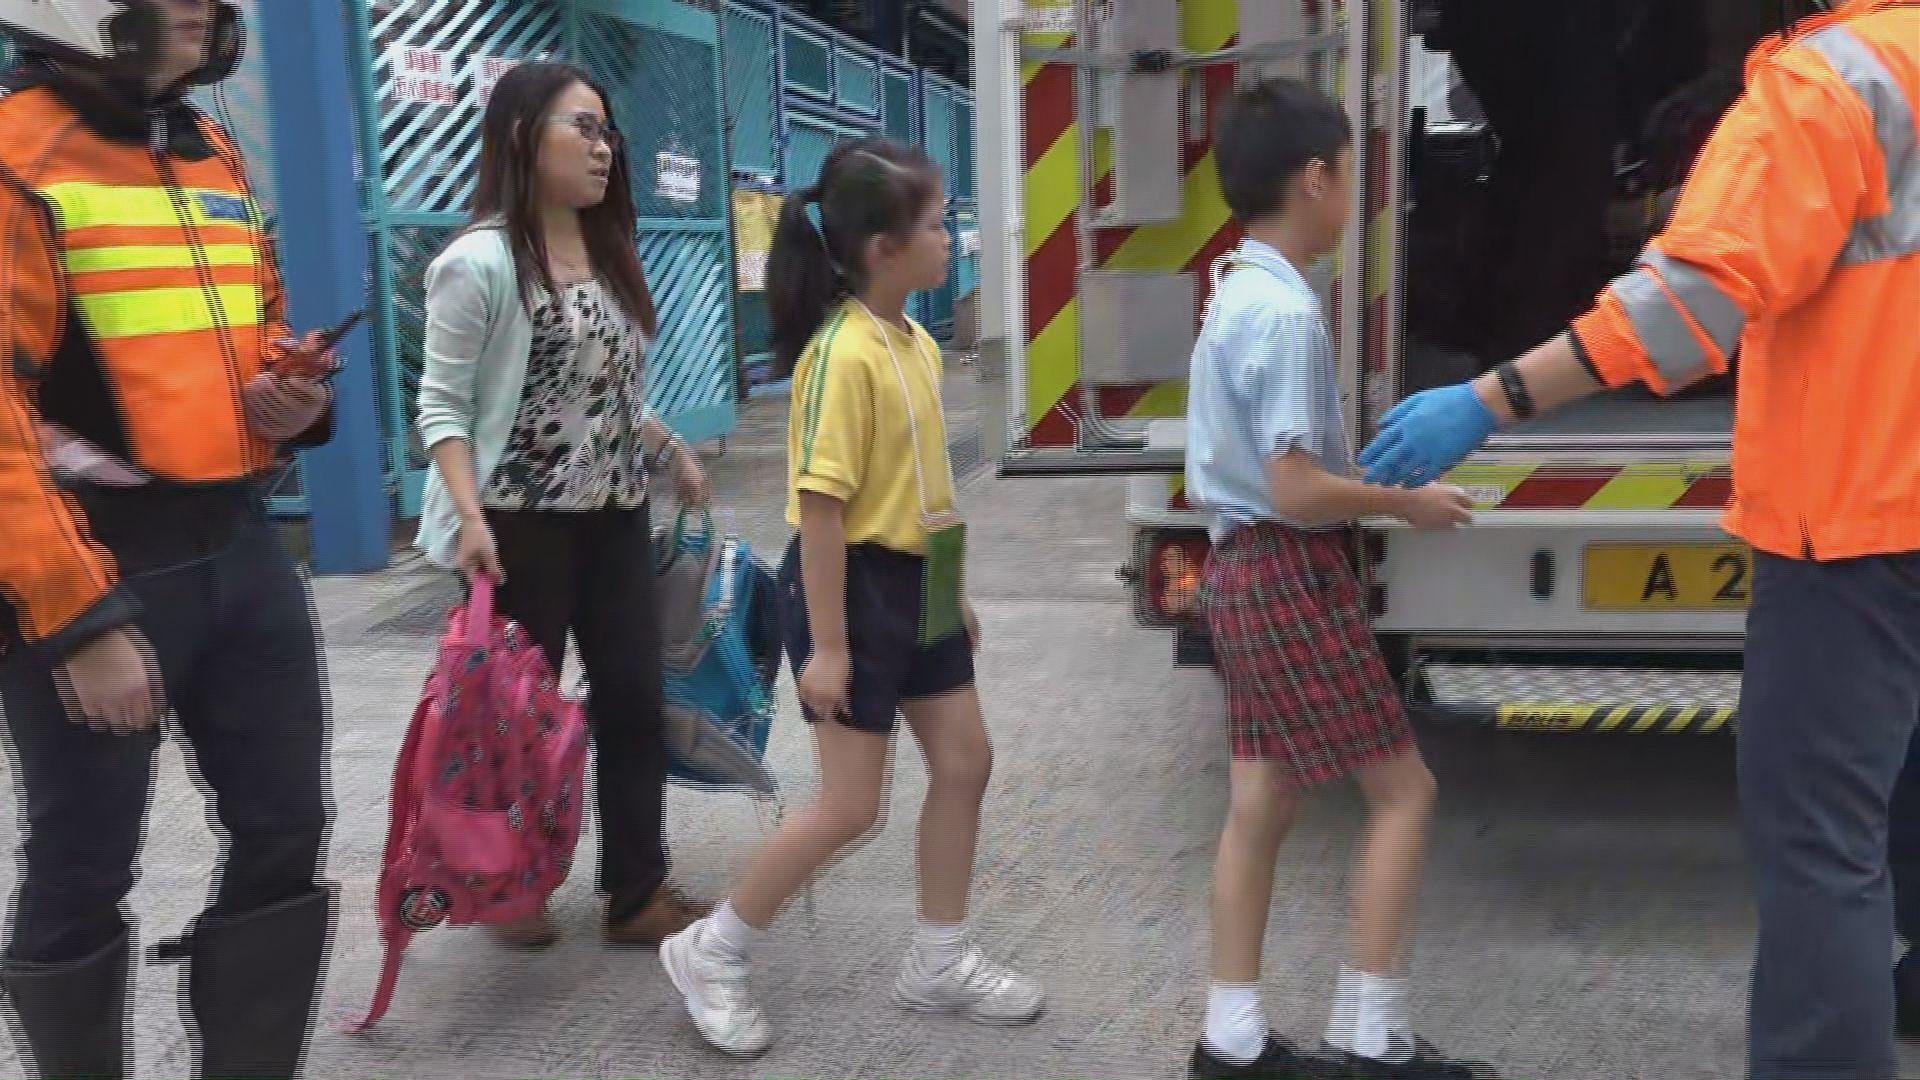 大埔十名學生懷疑食物中毒送院